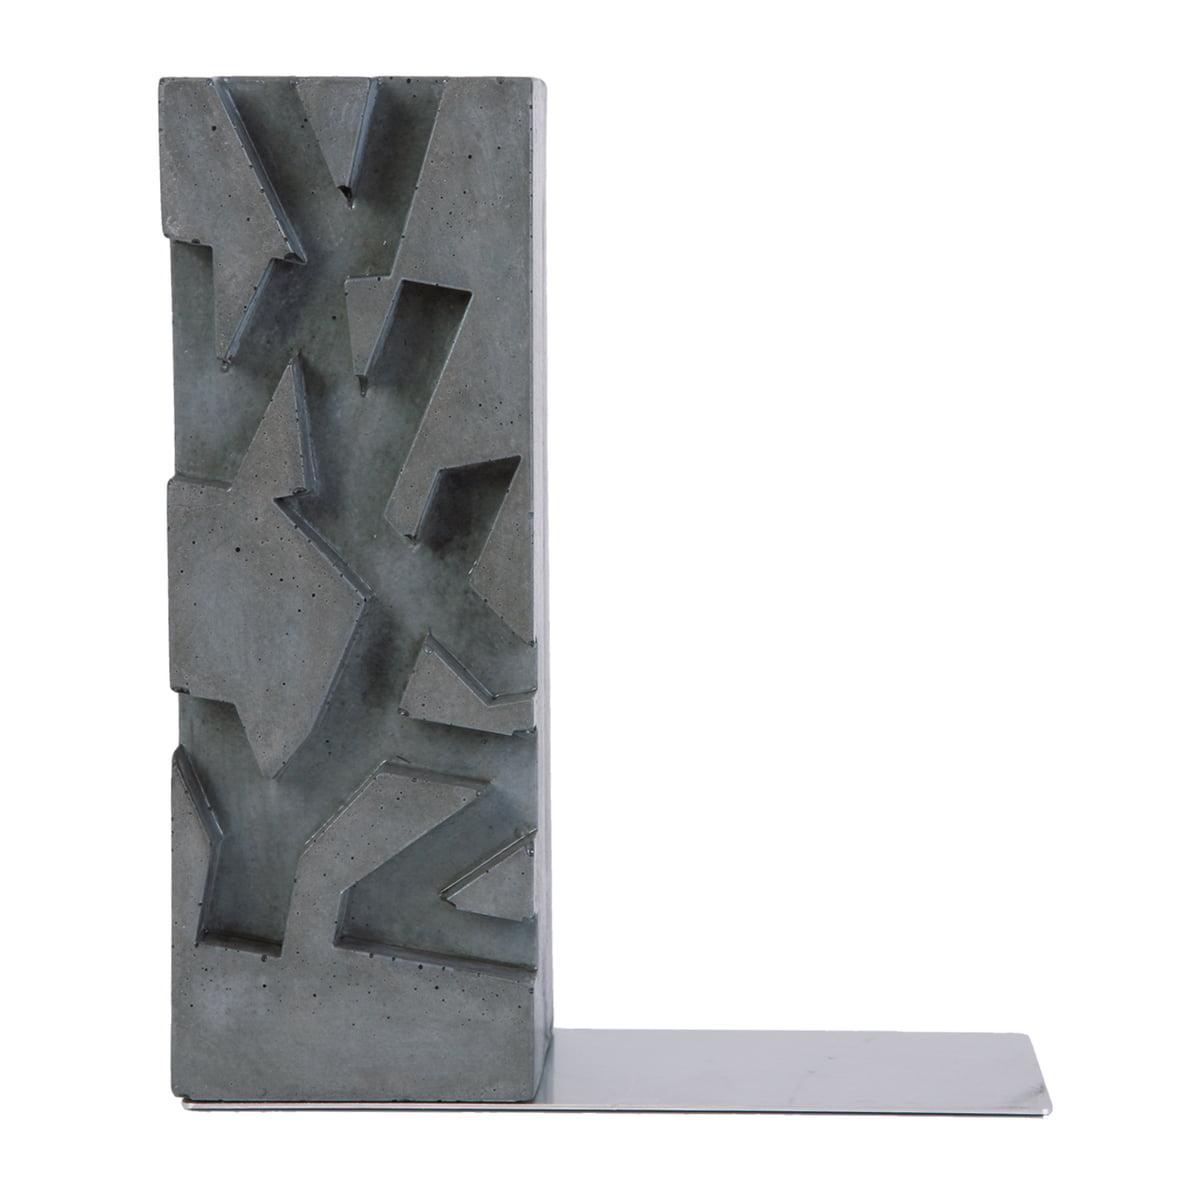 Korn Produkte - VWXYZ Buchstütze | Wohnzimmer > Regale > Hängeregale | Betongrau | Edelstahl -  spezialbeton | Korn Produkte